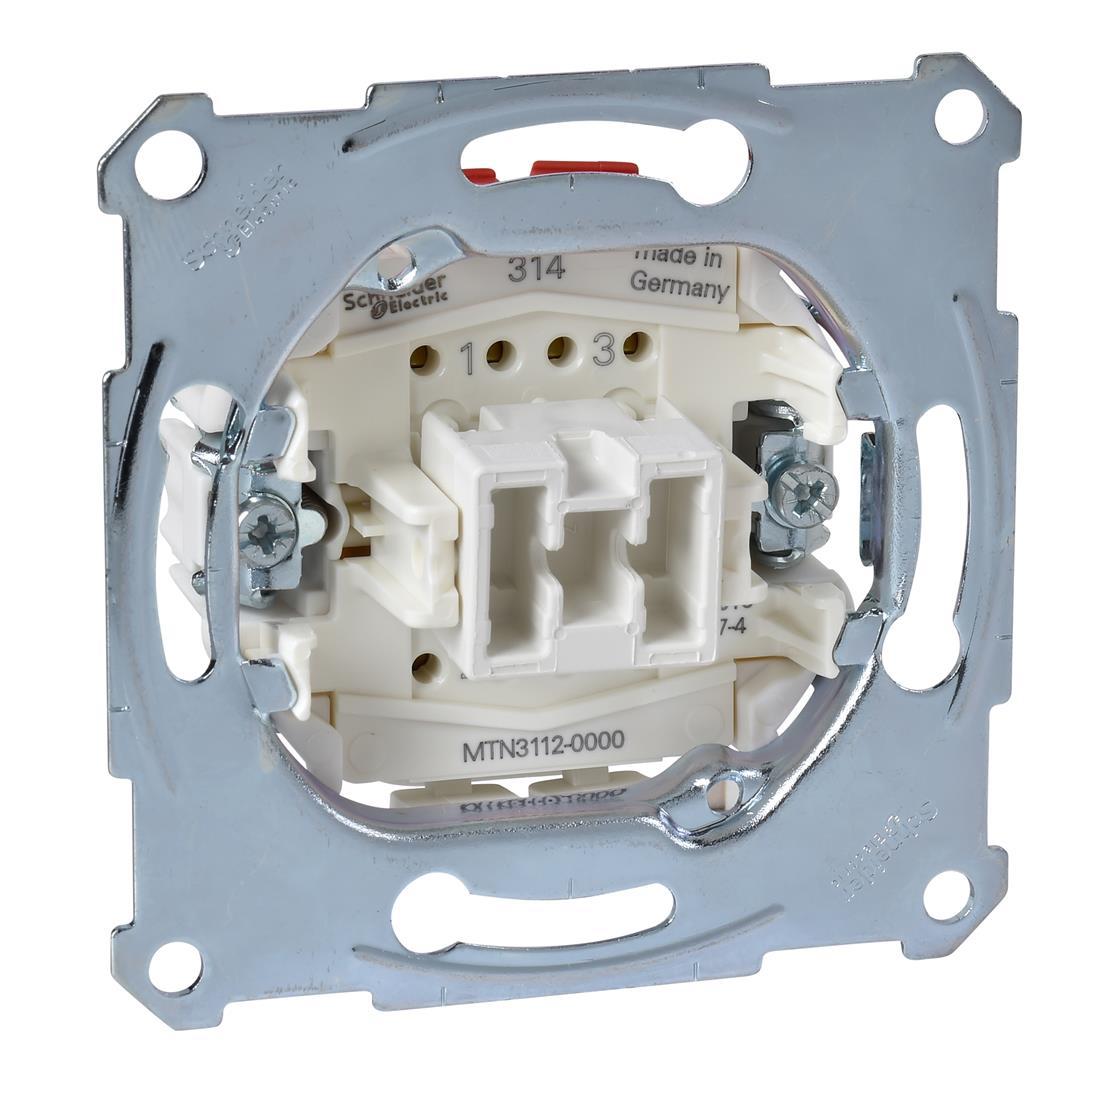 Schneider-Merten Uitschakelaarsokkel 2-polig, 10AX, AC 250V met insteekklemmen (MTN3112-0000)